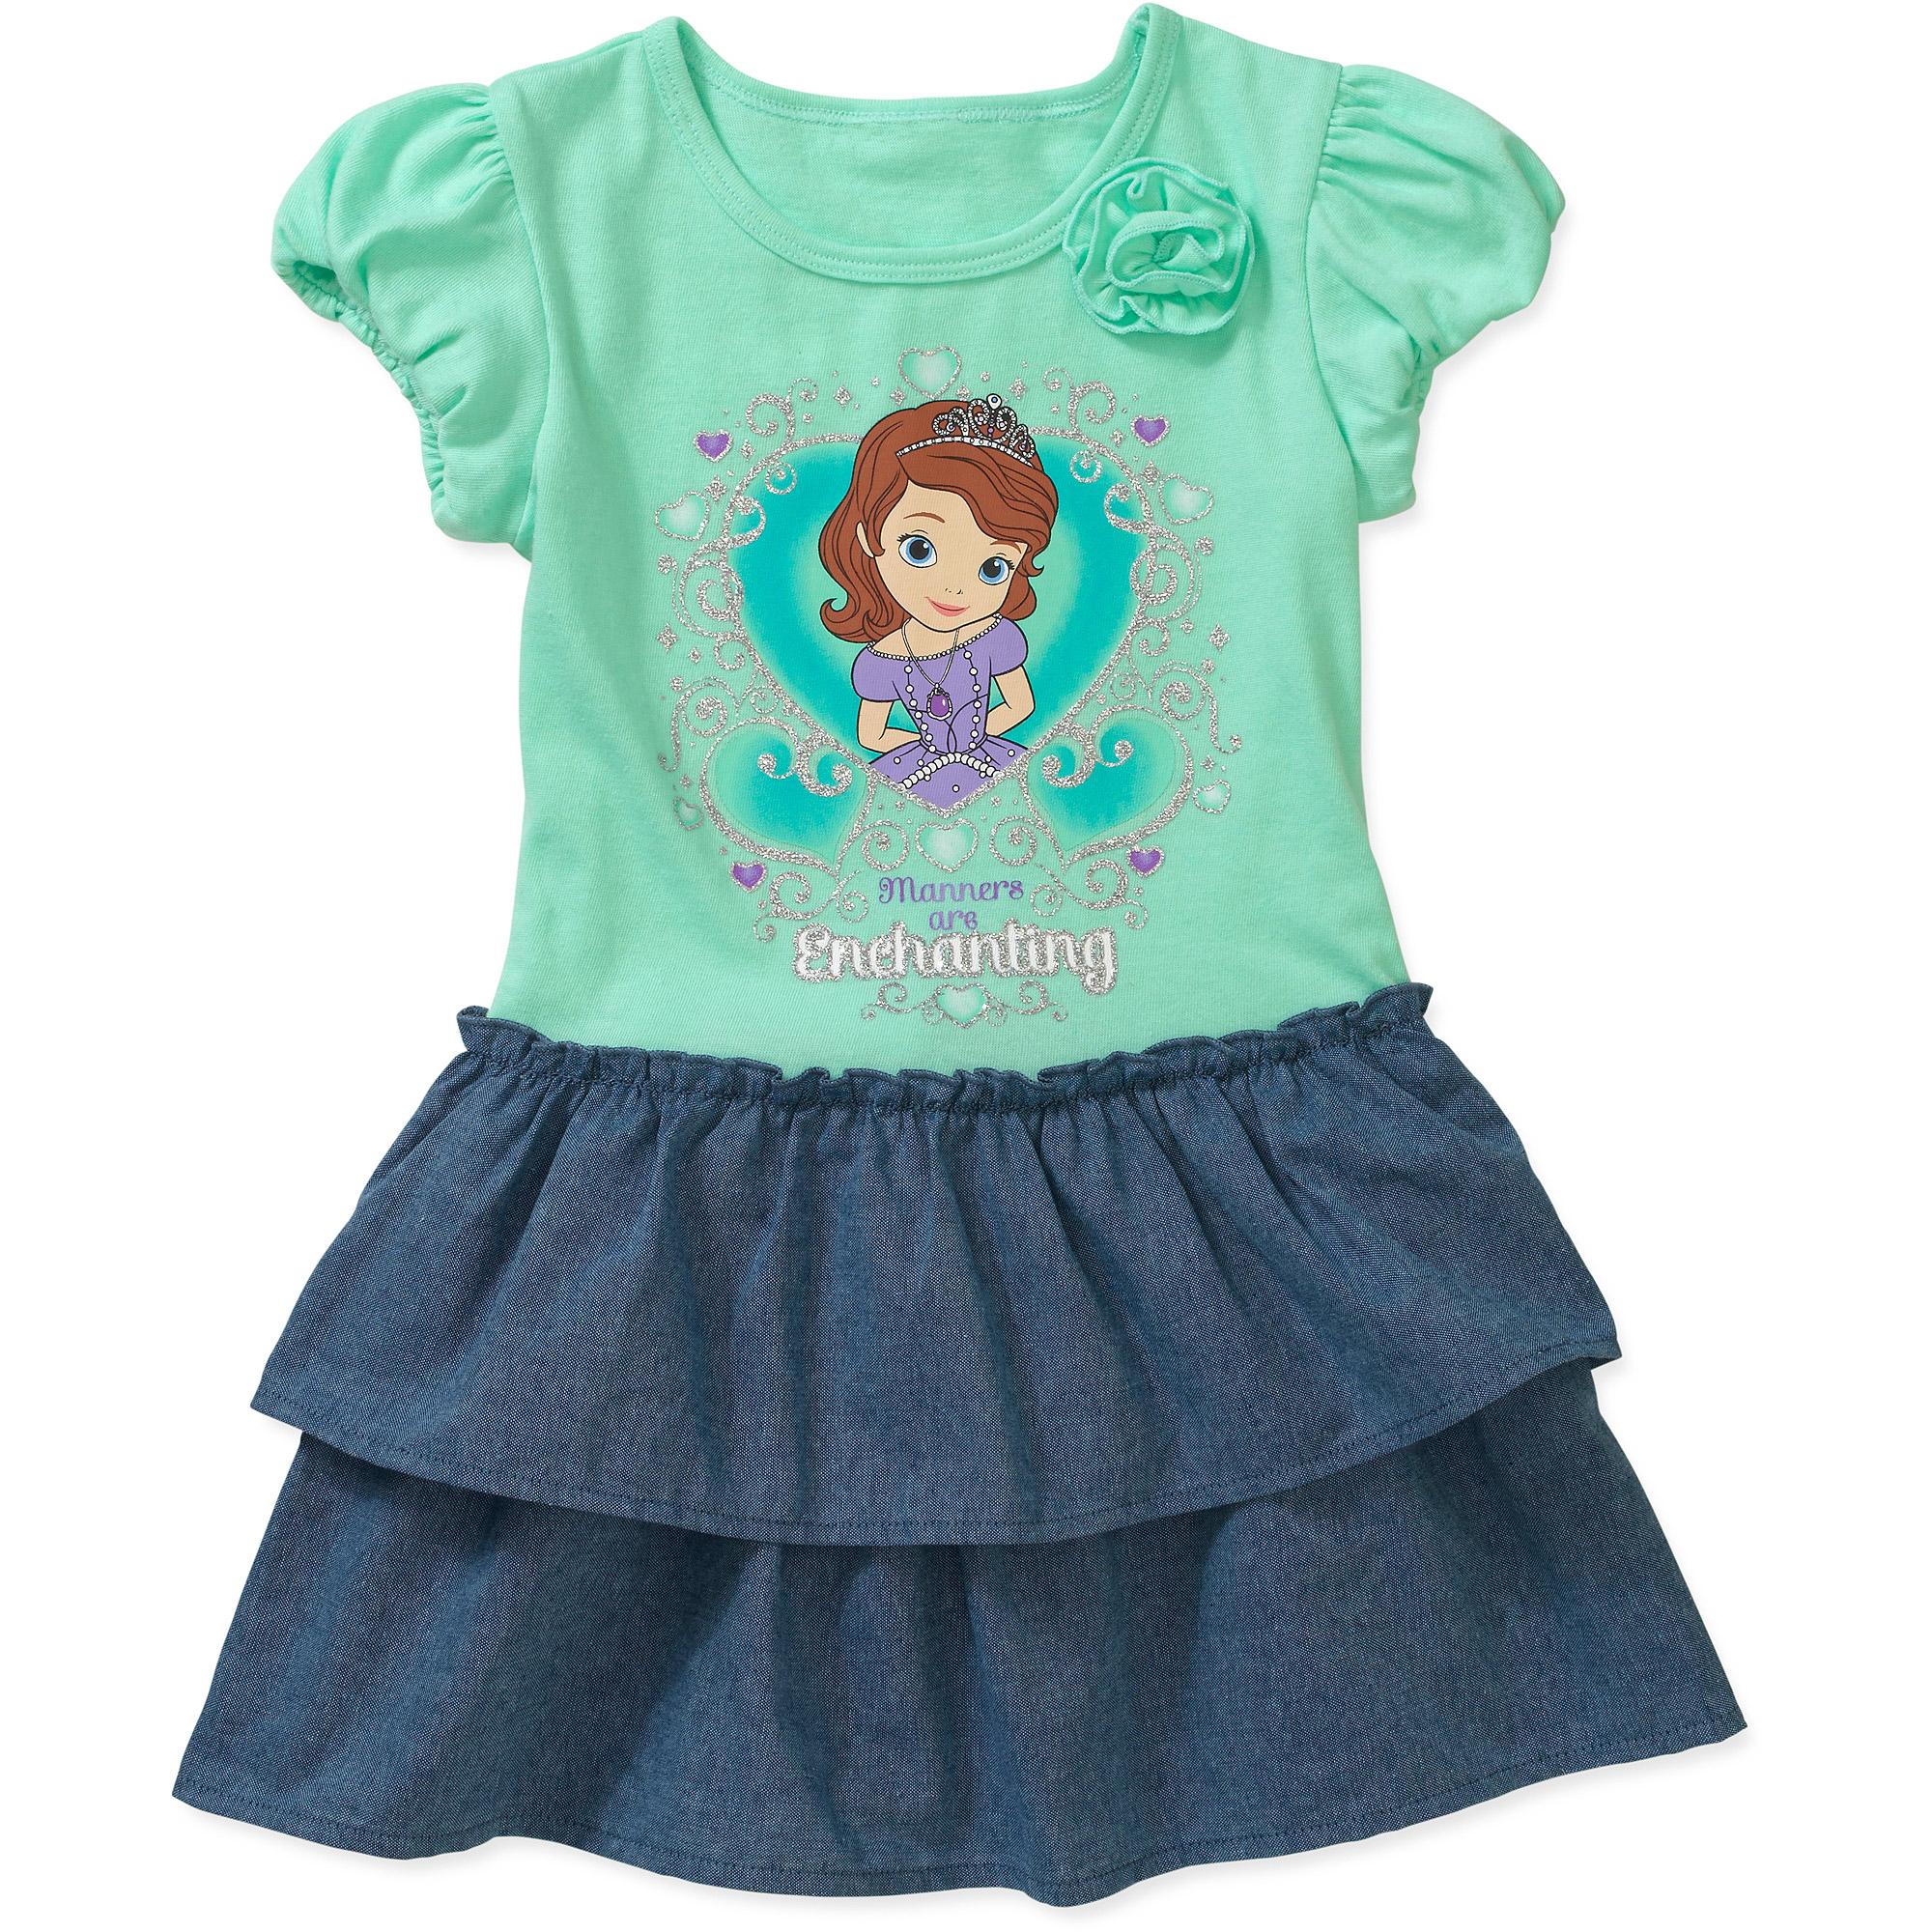 Nickelodeon Baby Girls' Dora Tee Shirt Dress